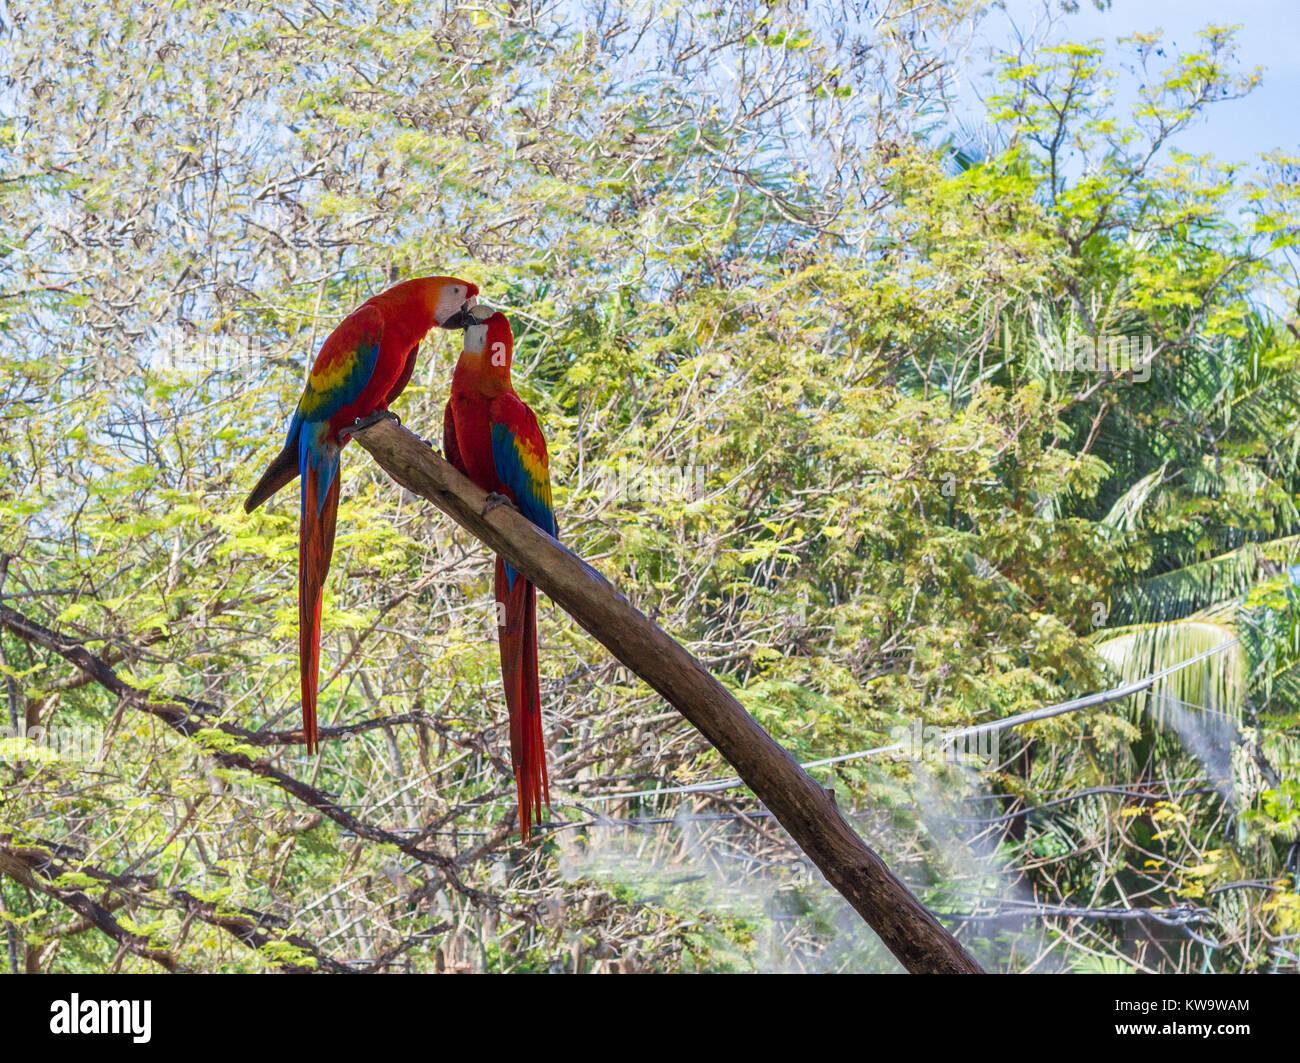 Love Birds in the Park - Stock Image